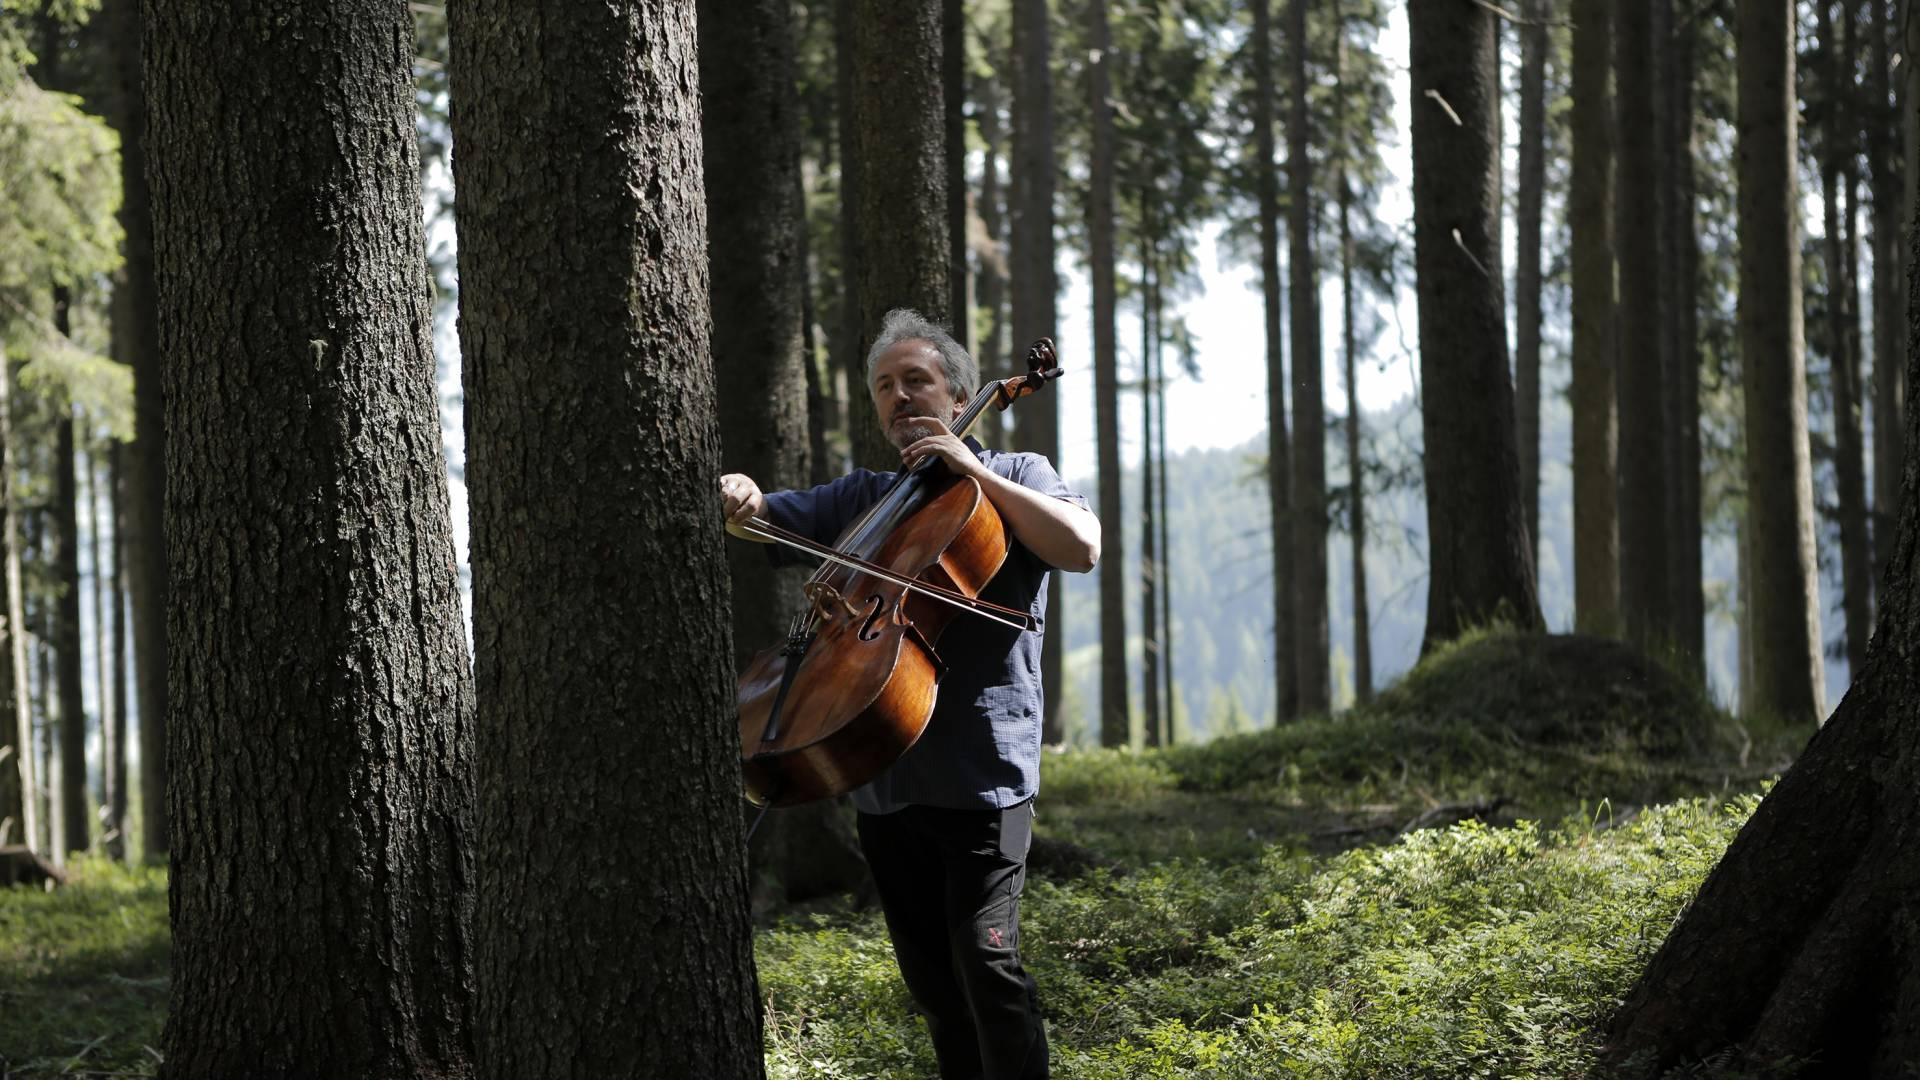 Najbolje drvo za violinu